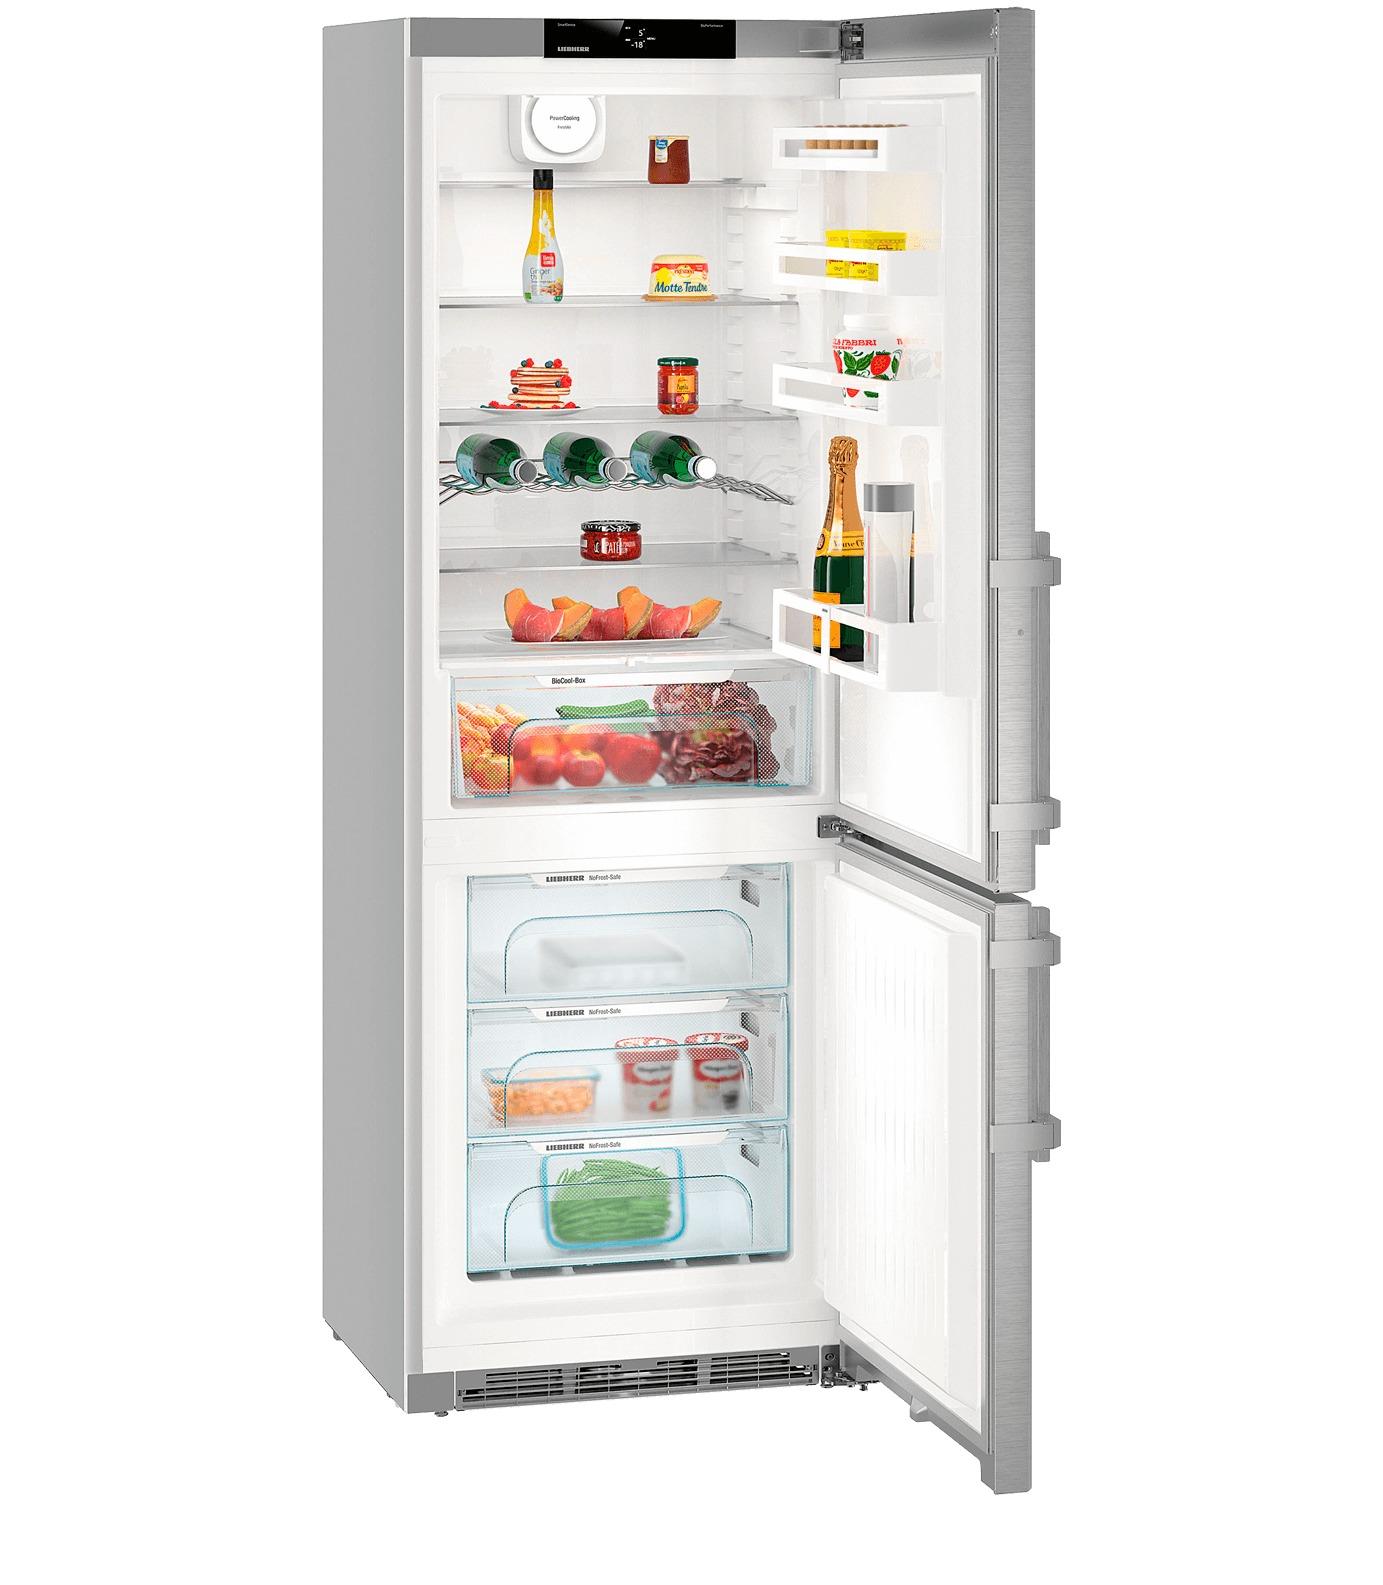 Liebherr CNef 5735-20 koelkast met vriesvak